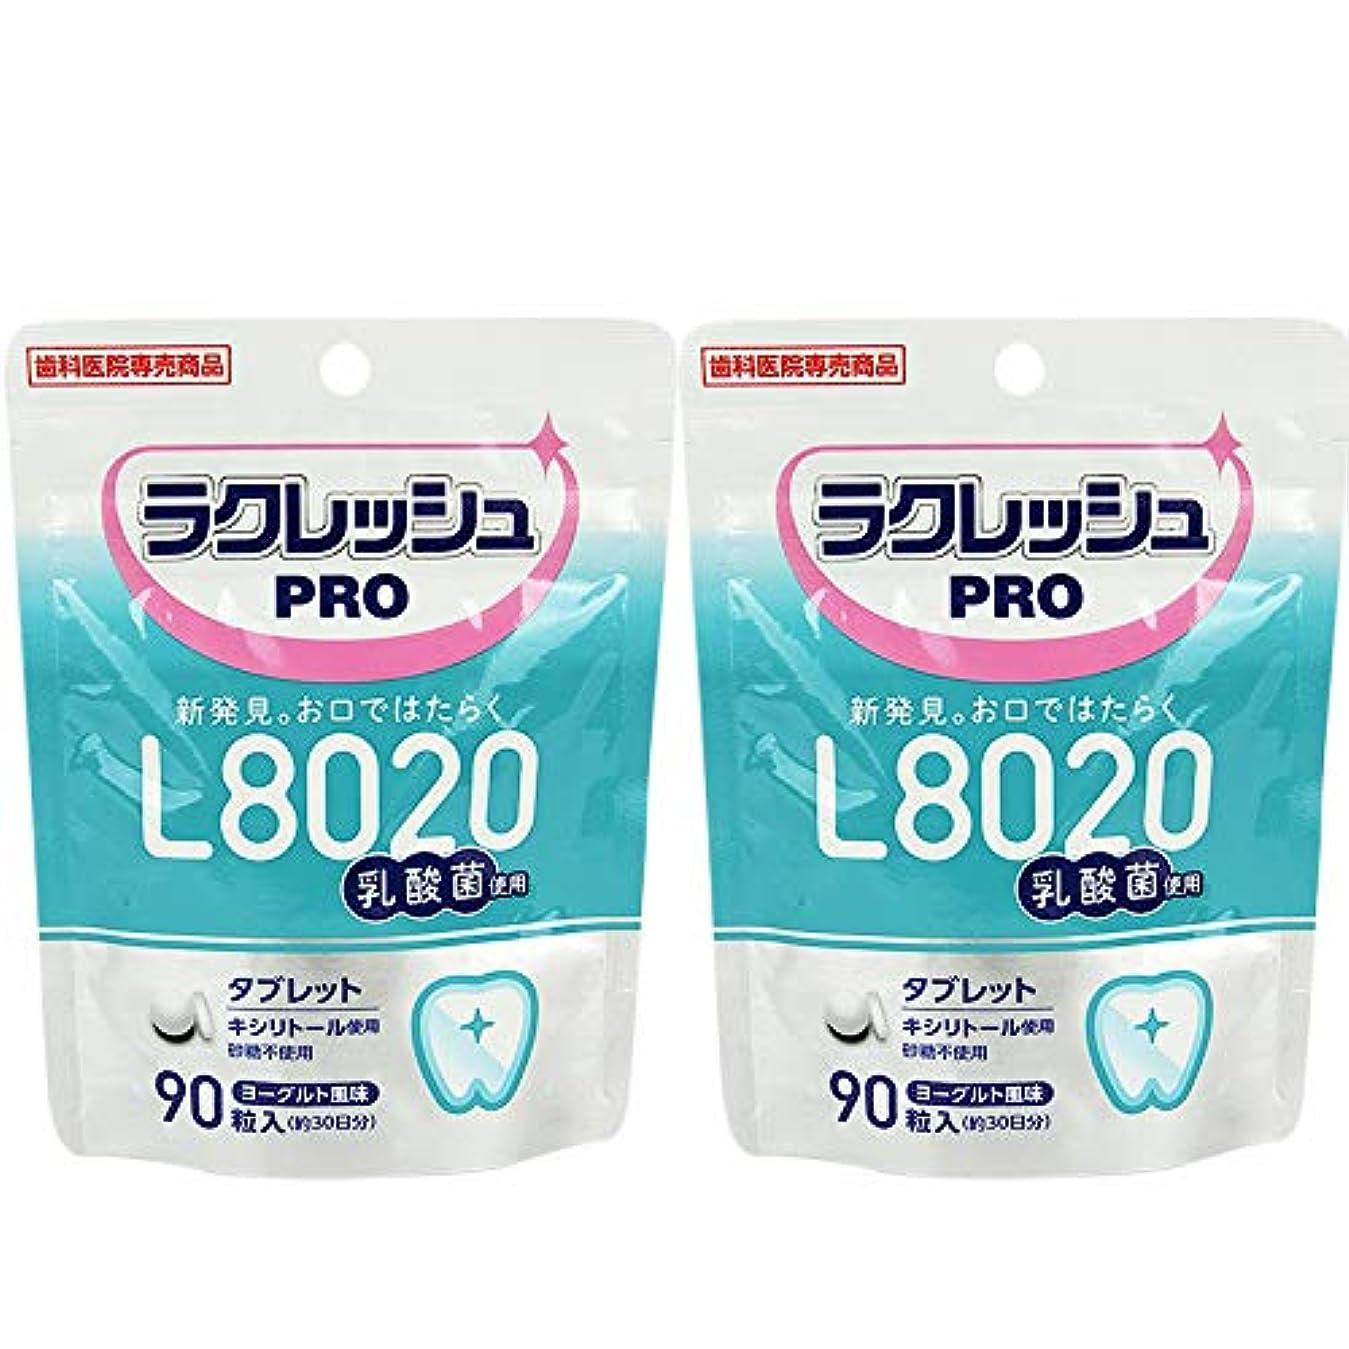 小康歌詞ステンレスL8020 乳酸菌 ラクレッシュ PRO タブレット 90粒 × 2個 歯科専売品